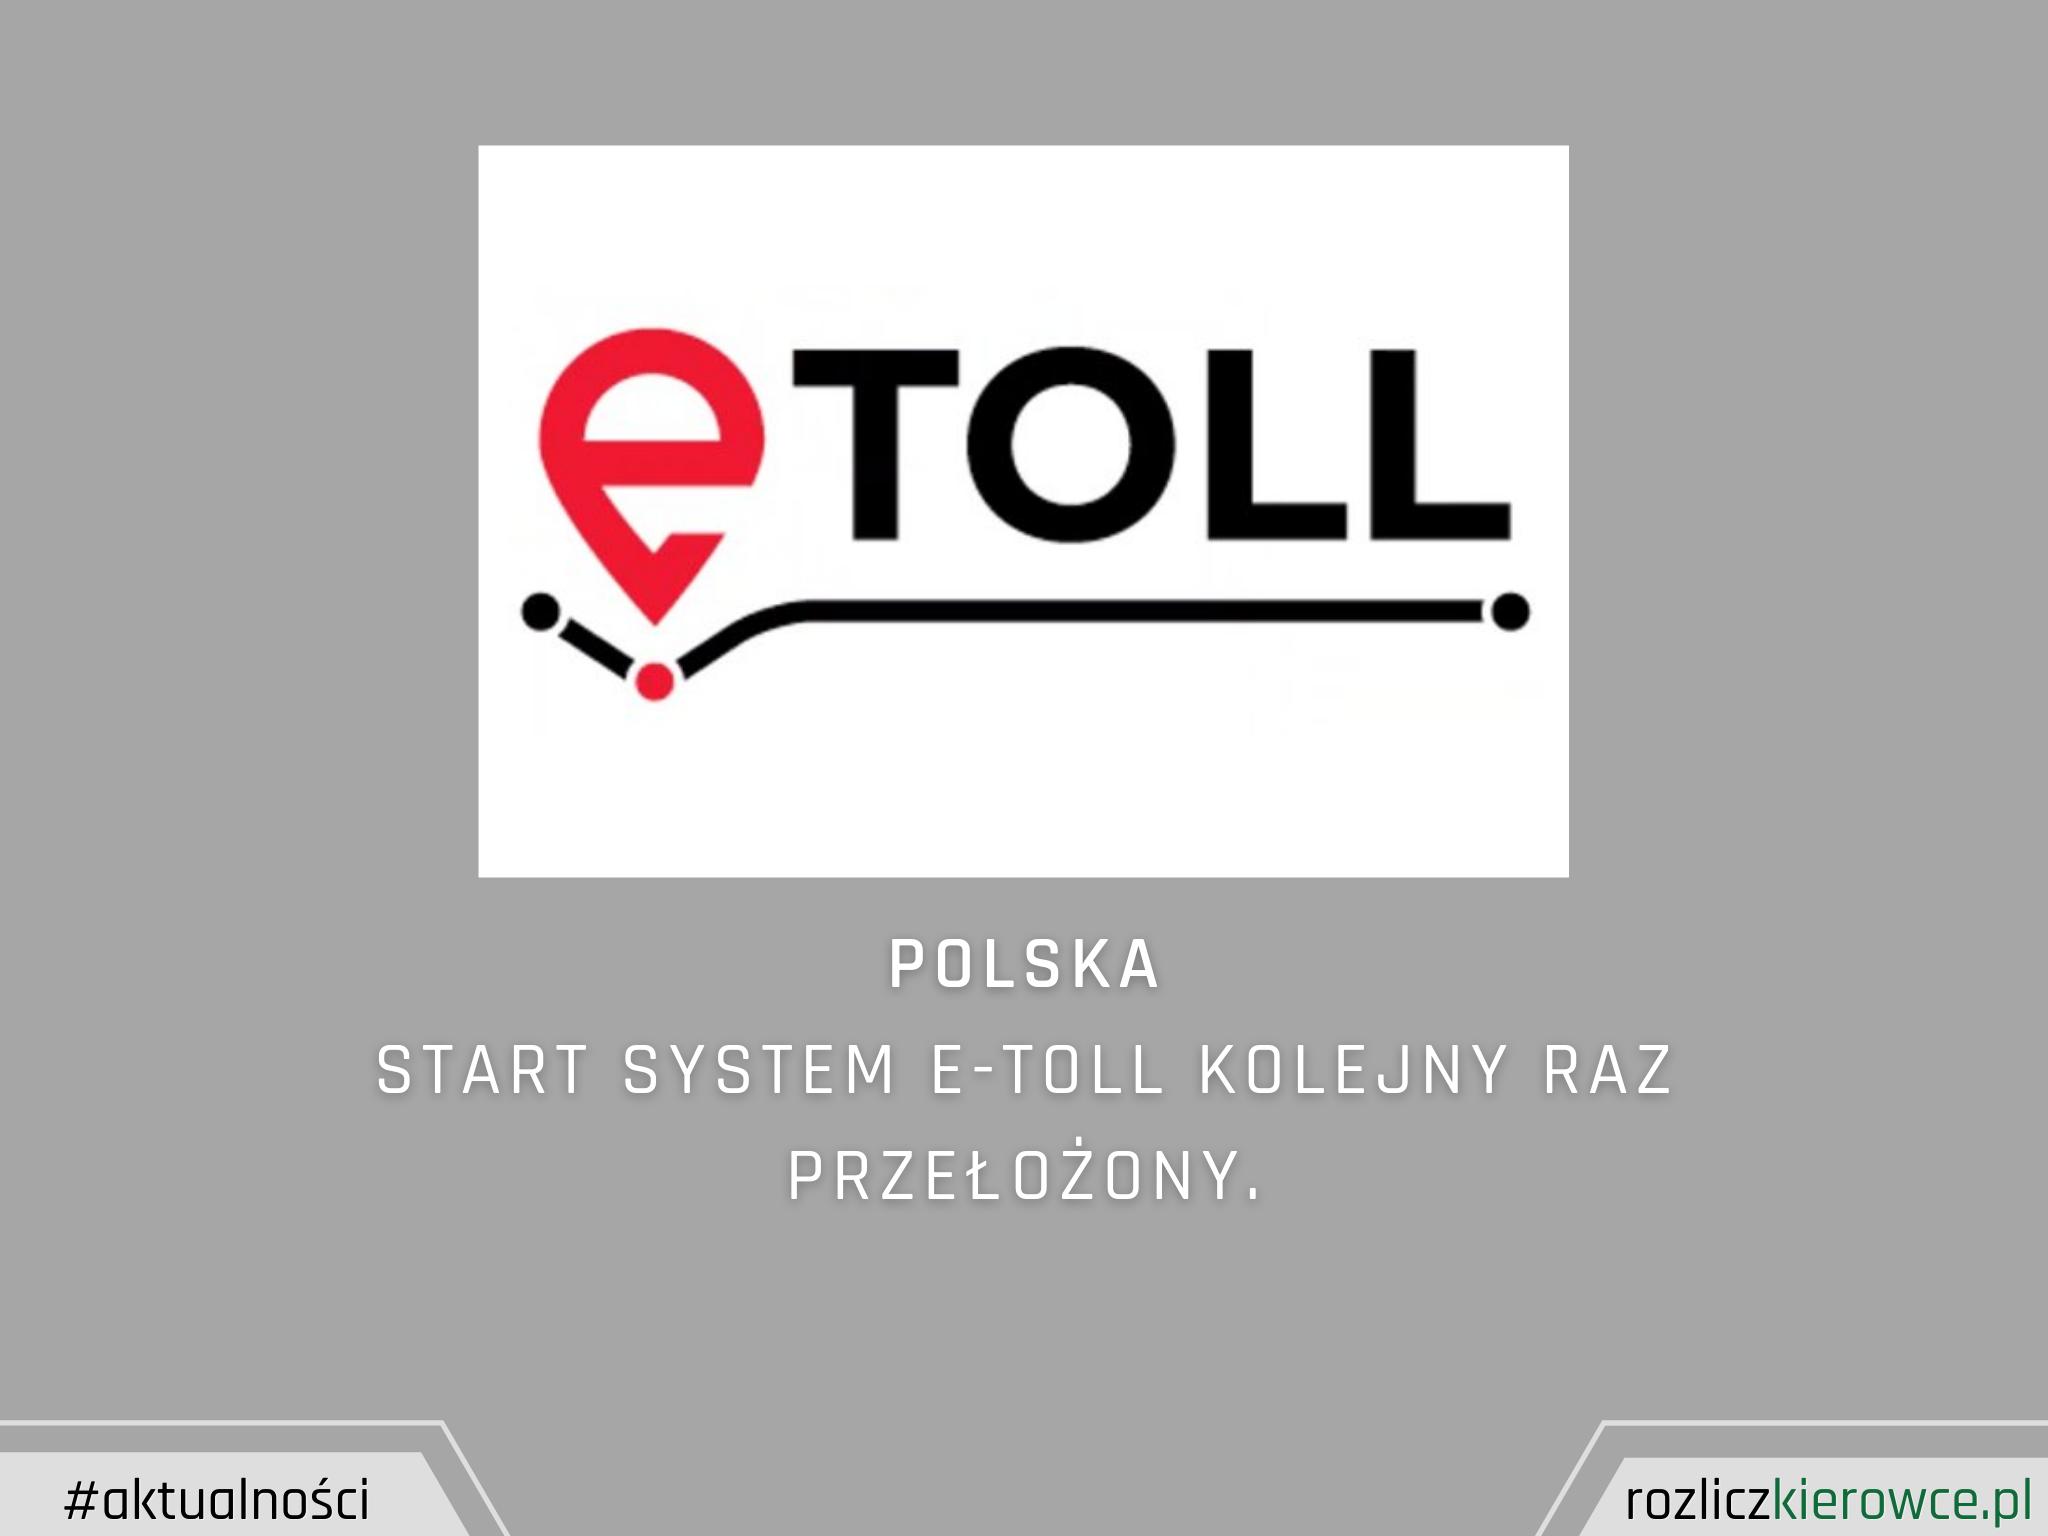 Start system E-Toll kolejny raz przełożony.